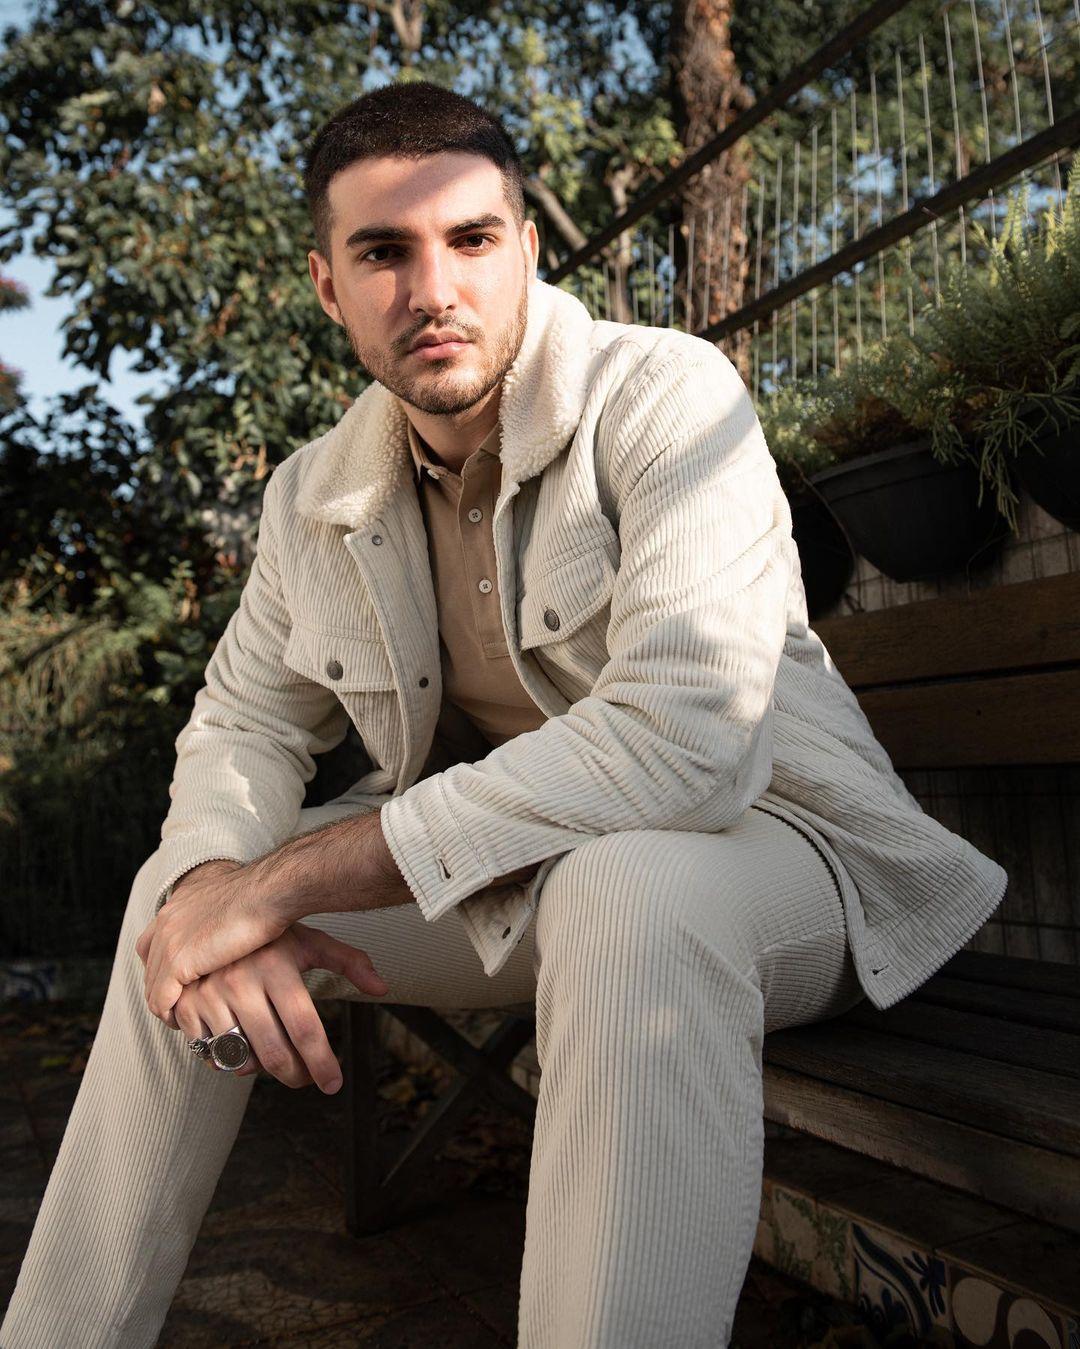 Em clima intimista, o cantor gravou um pocket show com cinco músicas para o projeto GQ Vozes